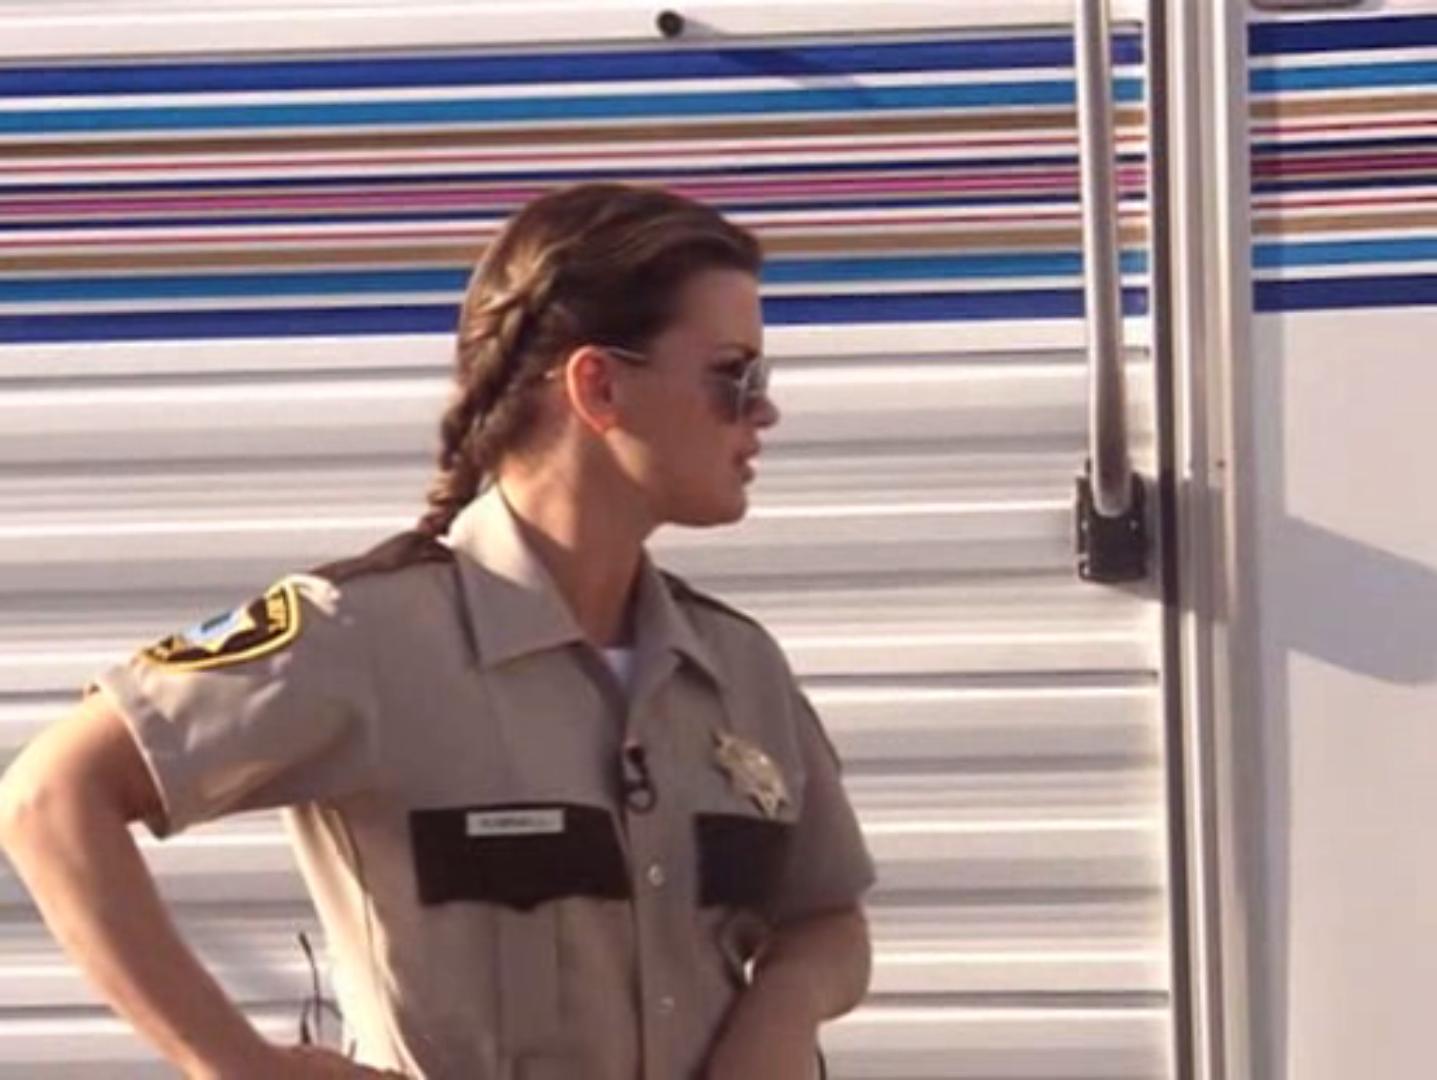 Deputy Kimball